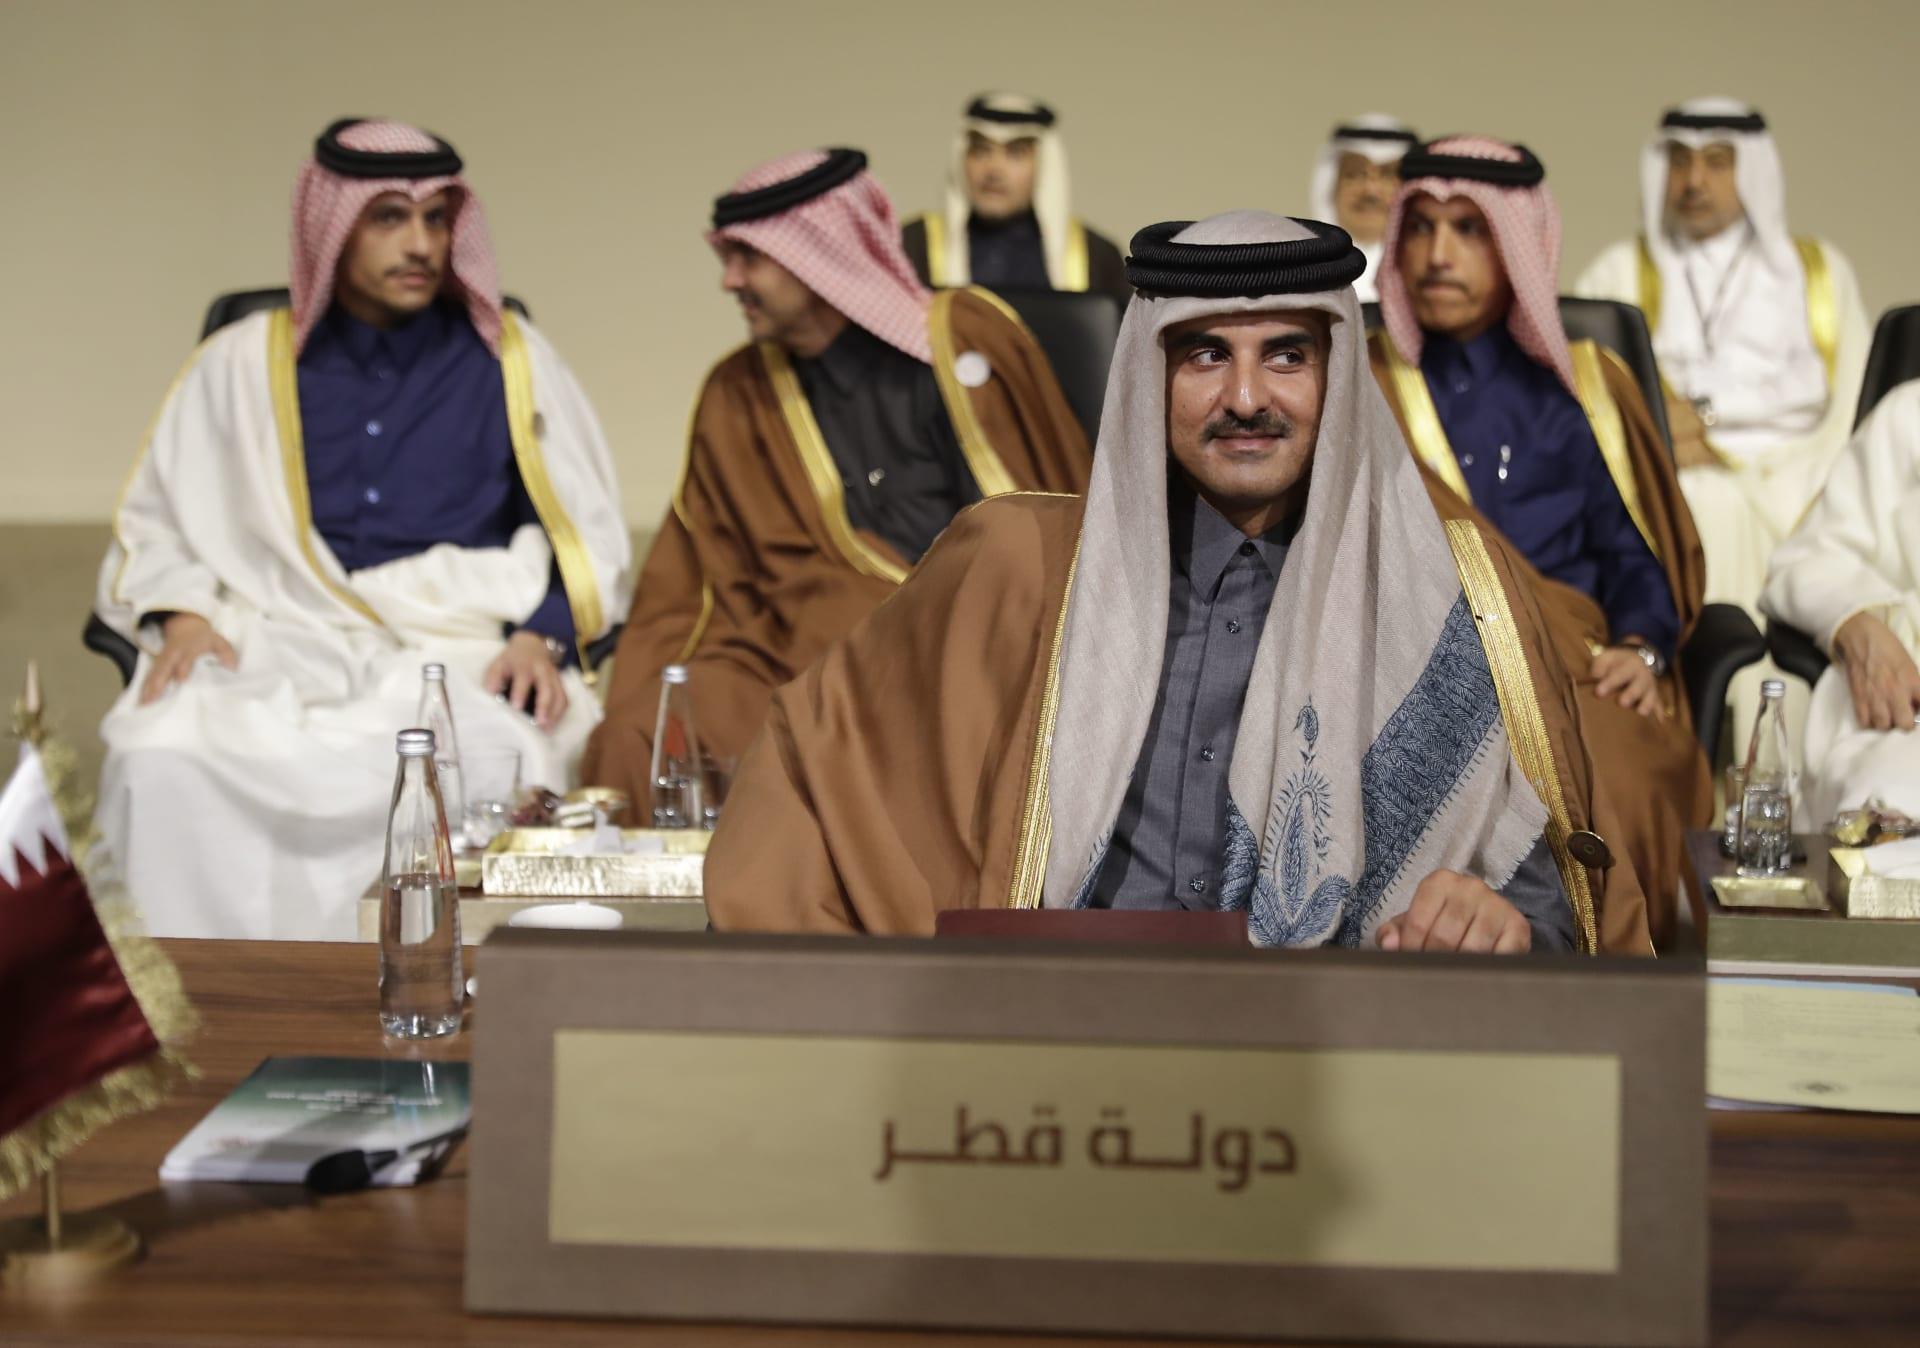 قطر تدعم لبنان بنصف مليار دولار بعد زيارة تميم بن حمد